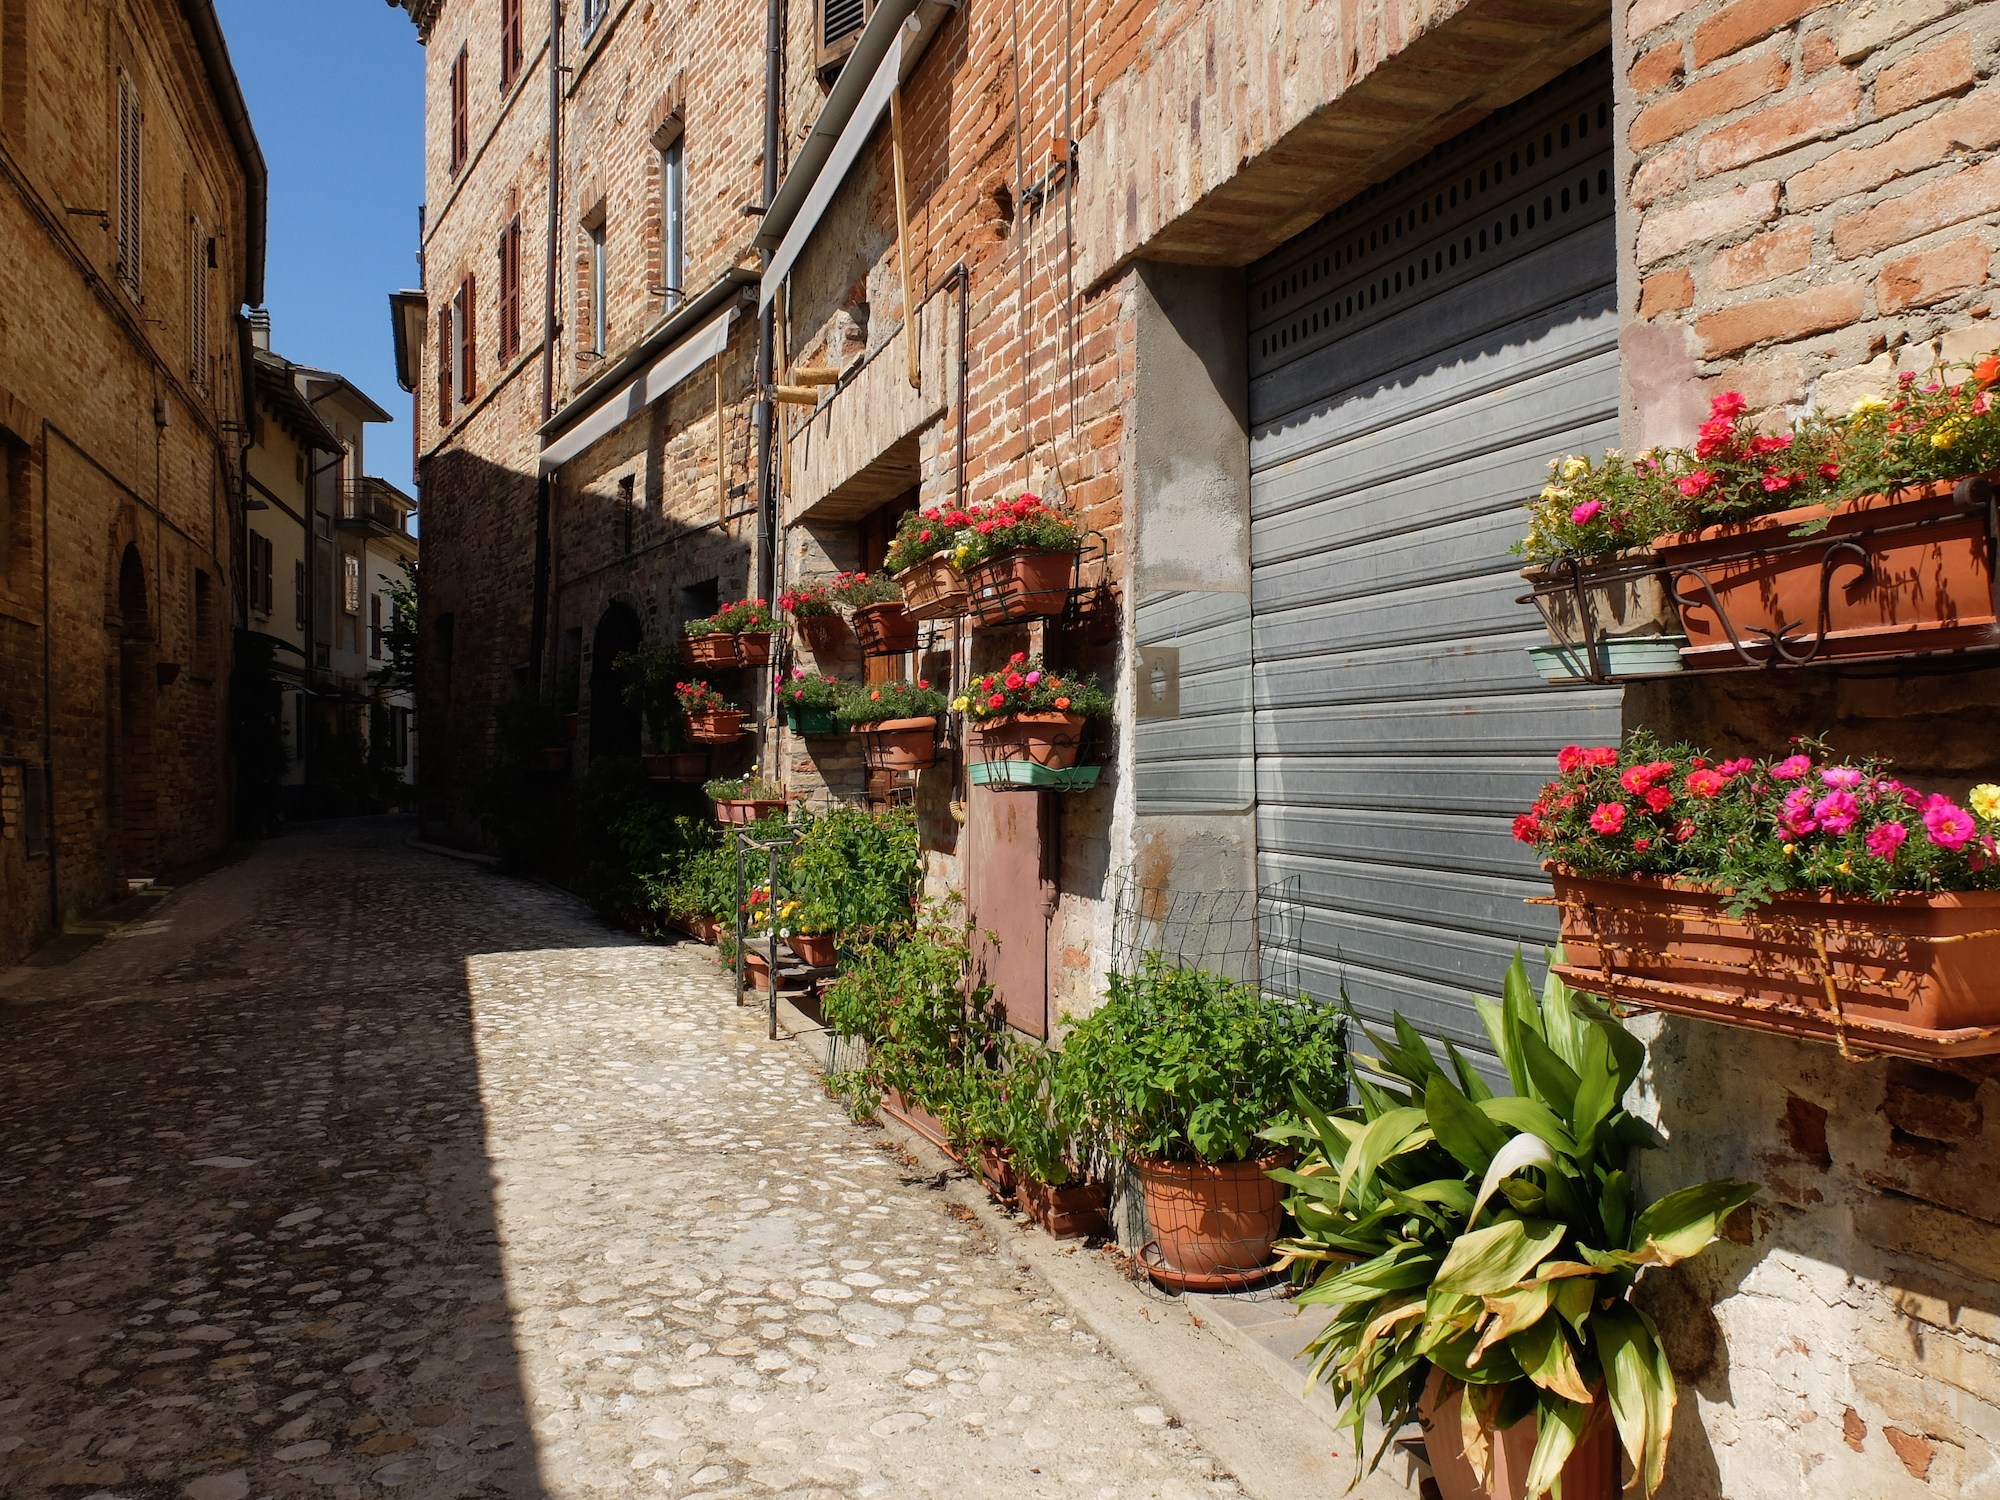 Ripatransone (Le Marche, Italië), stad met het nauwste steegje van Italië? Ontdek het met onze Citywalk.